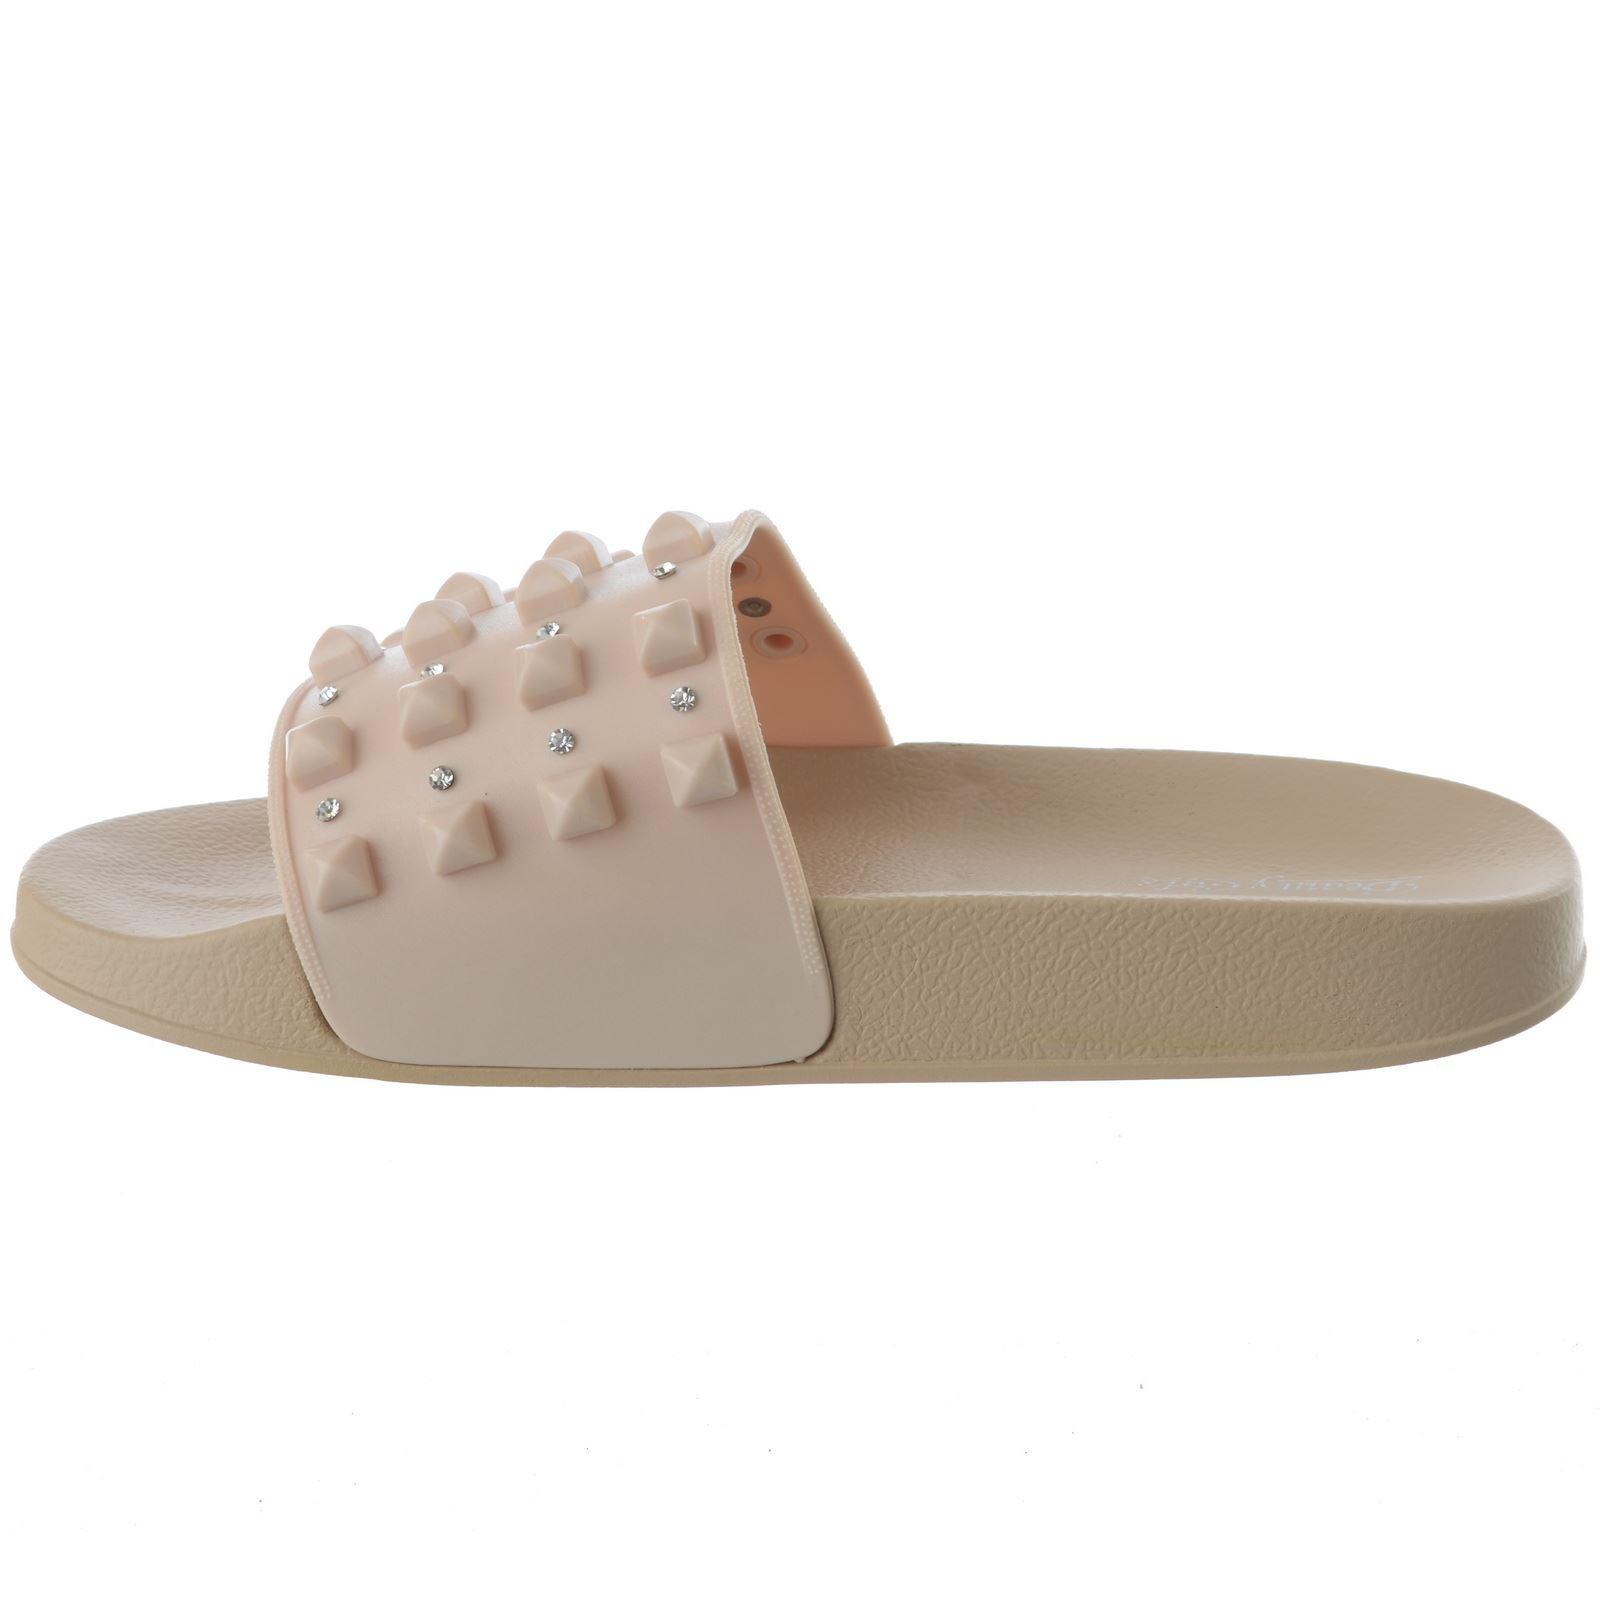 Nuevo Para mujeres Damas Plana Slip On tachonado Diamante deslizadores Mulas Sandalias Zapatos Talla